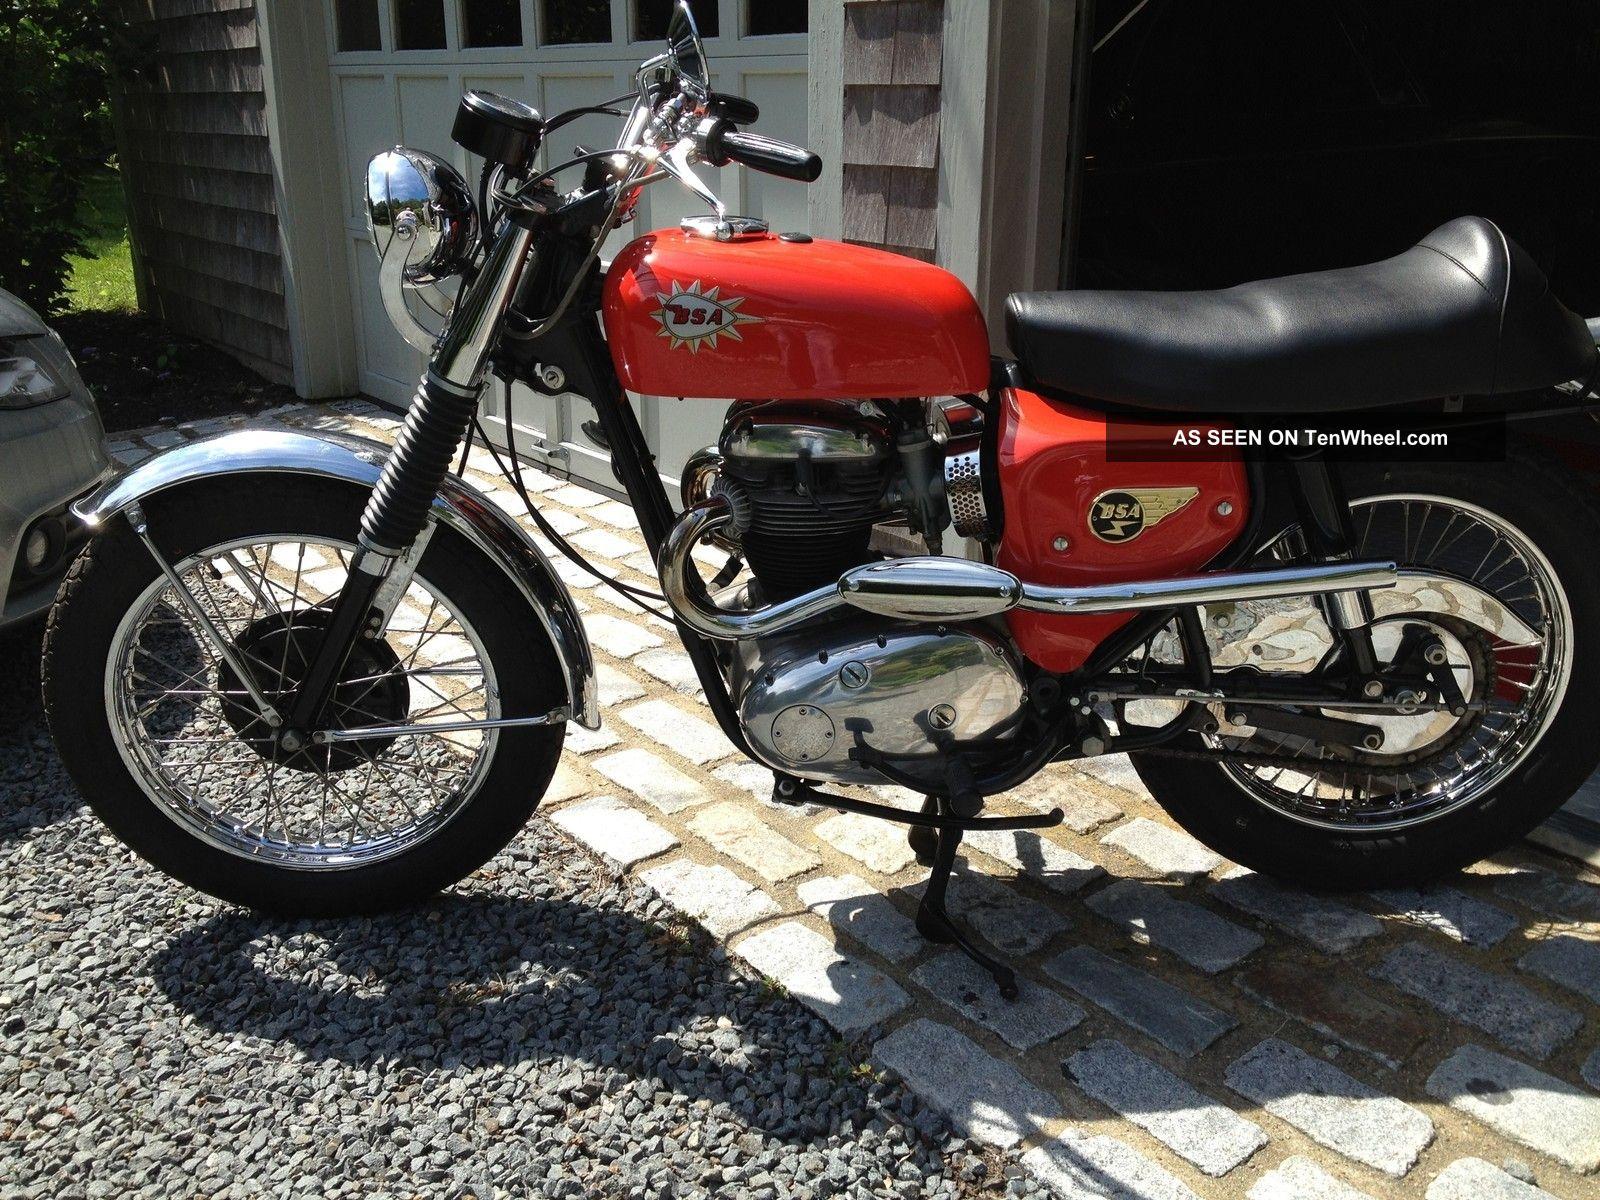 1966 Bsa Hornet